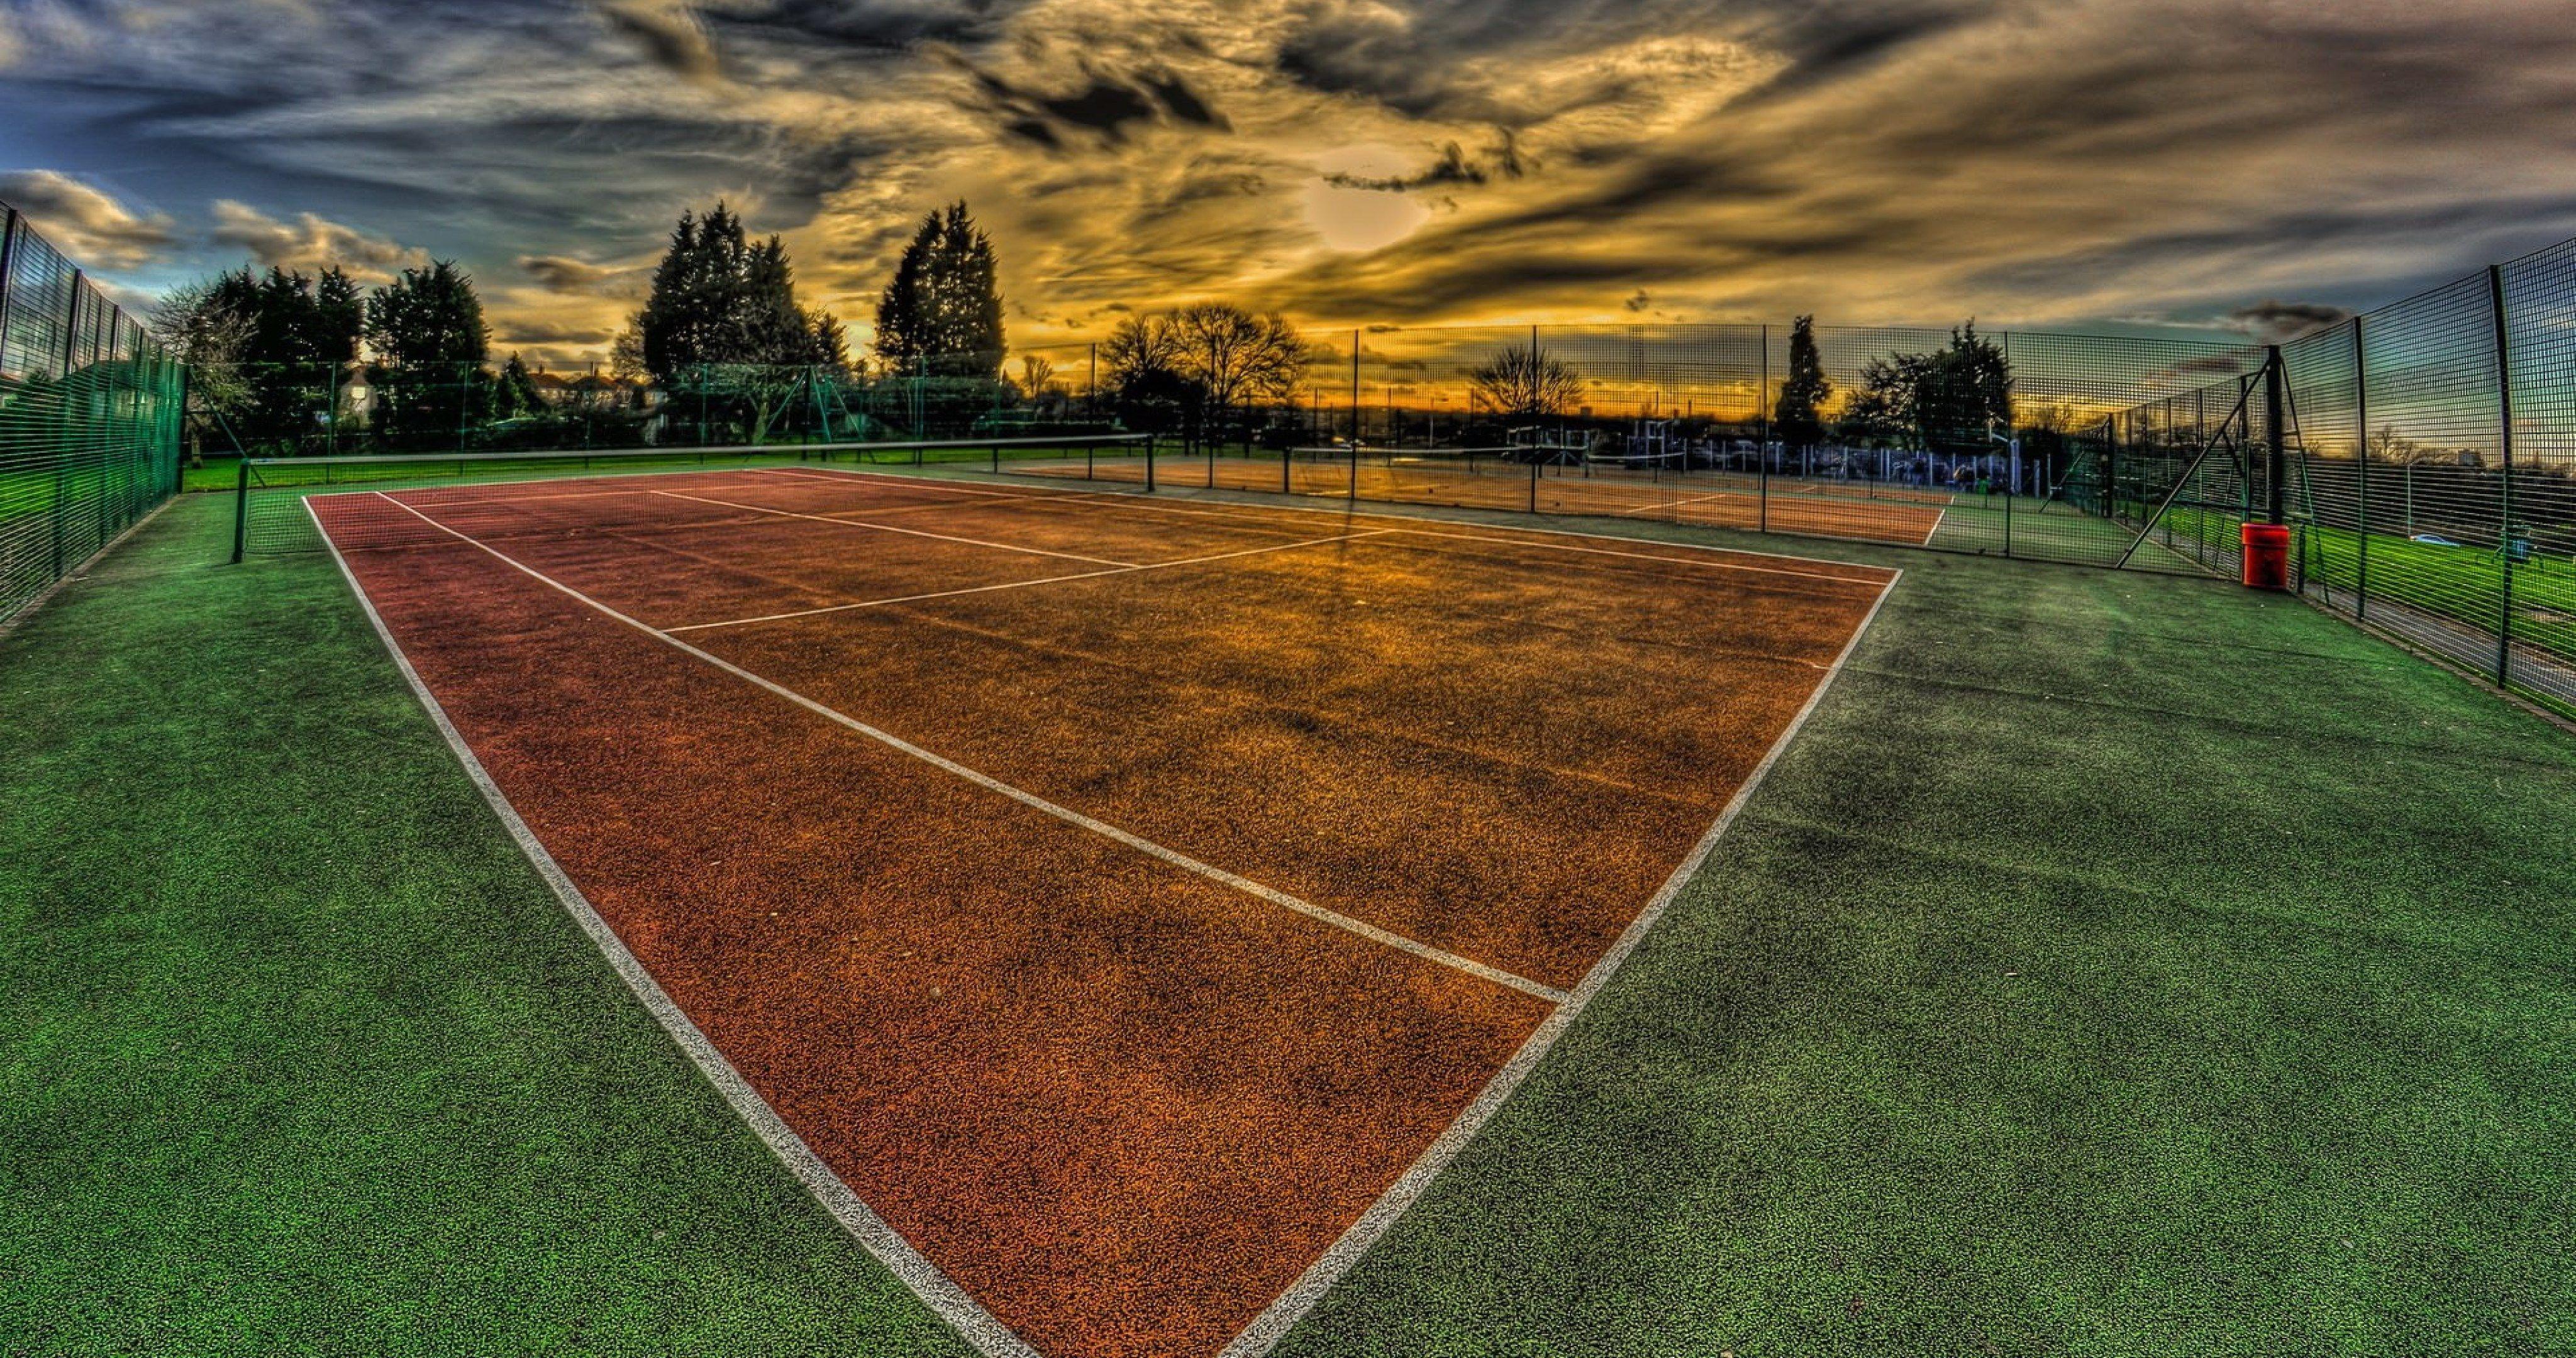 Sports Wallpaper Apps Iphone: Court Sunset Sport Wallpaper 4k Ultra Hd Wallpaper